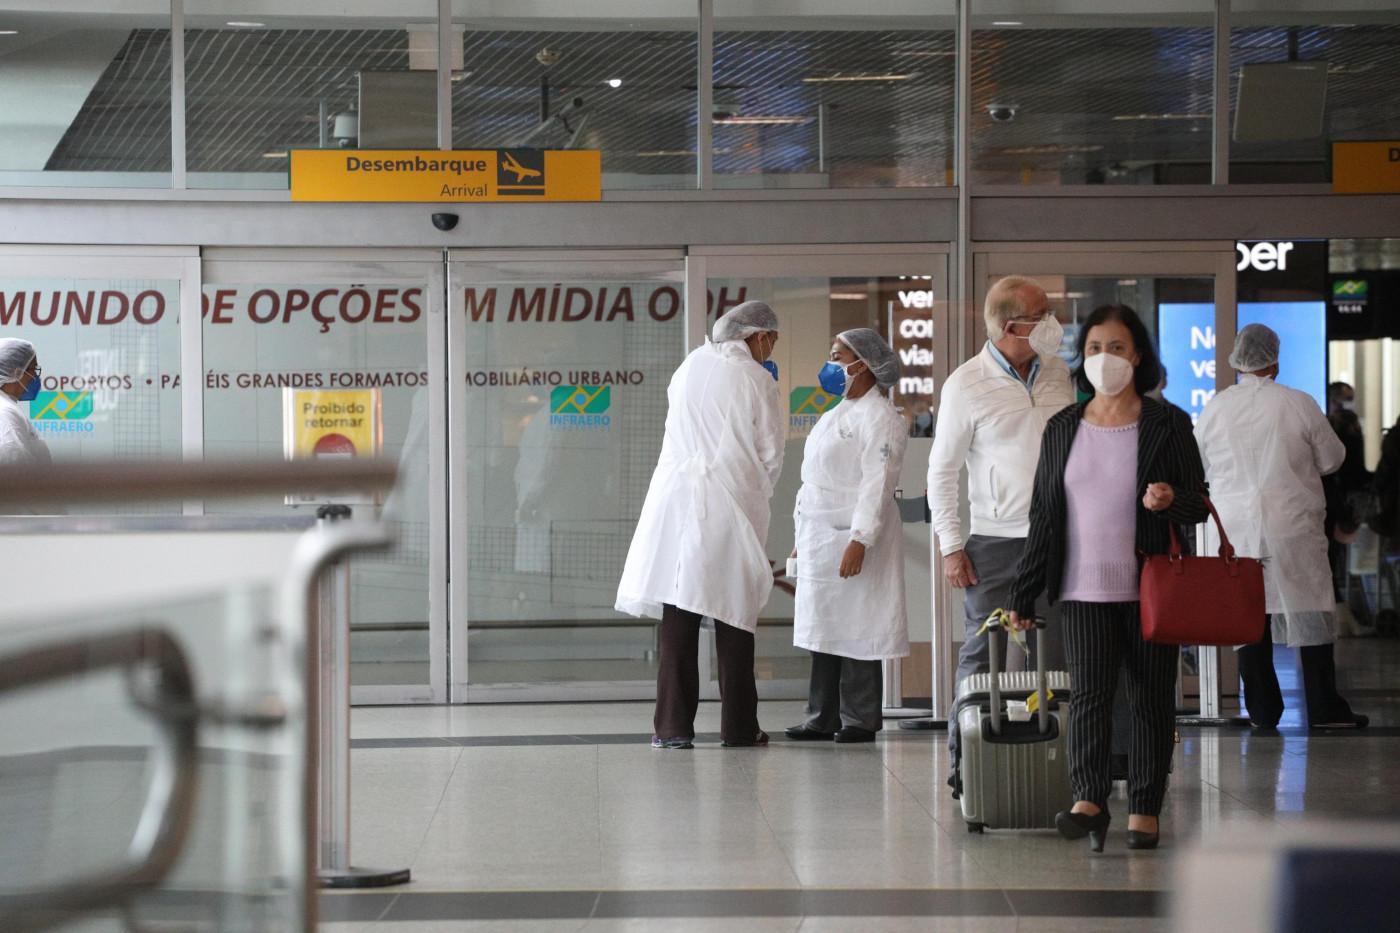 Passageira passa por barreira sanitária em aeroporto